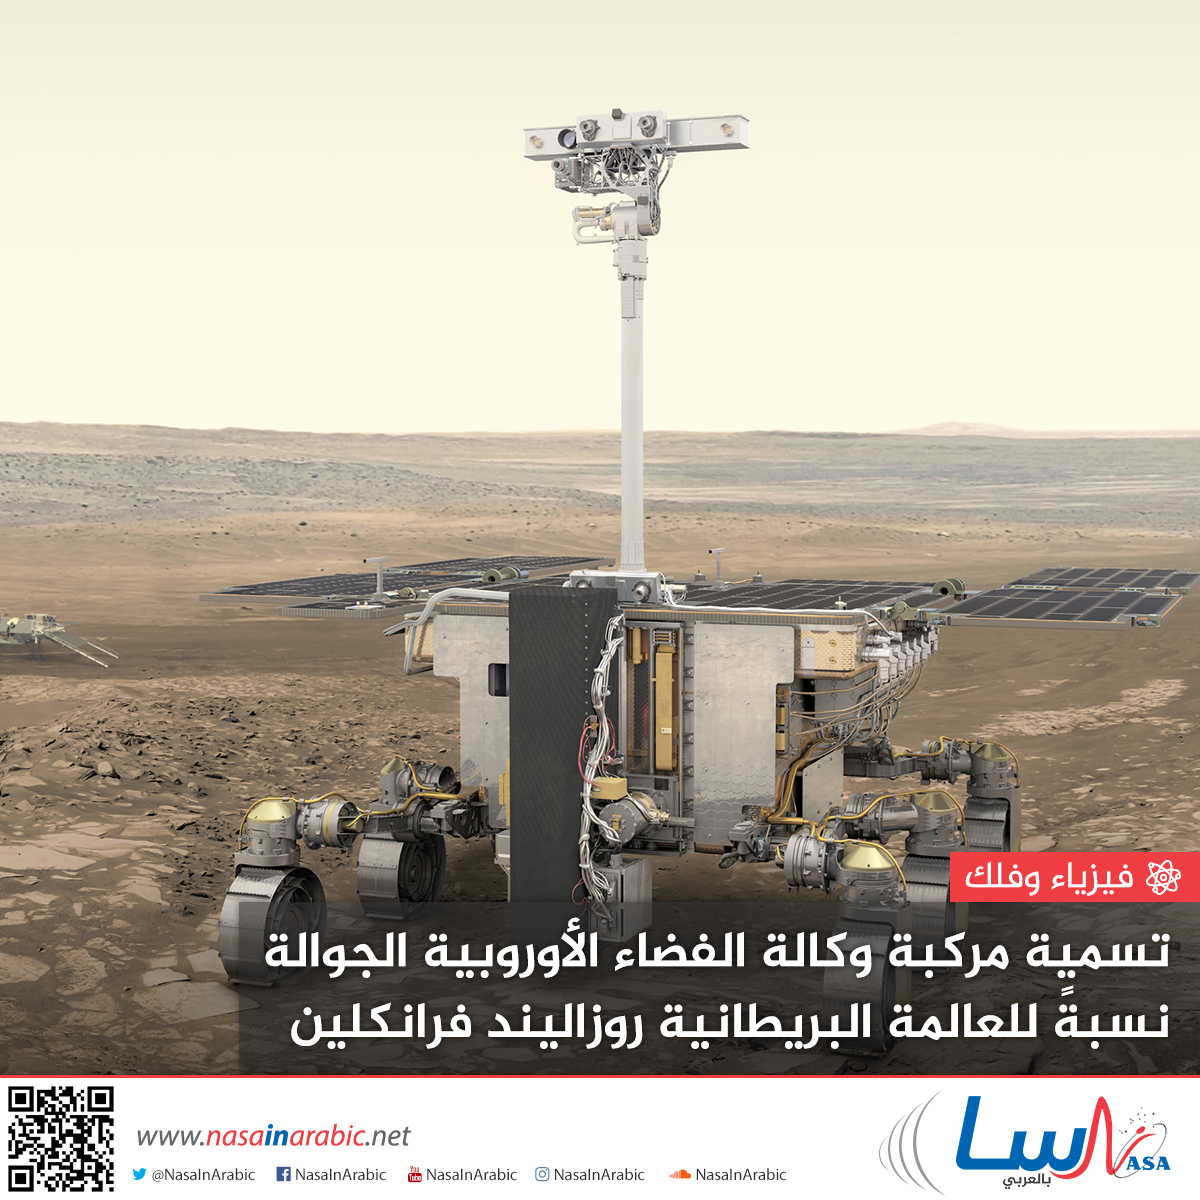 تسمية مركبة وكالة الفضاء الأوروبية الجوالة التي ستُرسل إلى المريخ نسبةً للعالمة البريطانية روزاليند فرانلكين